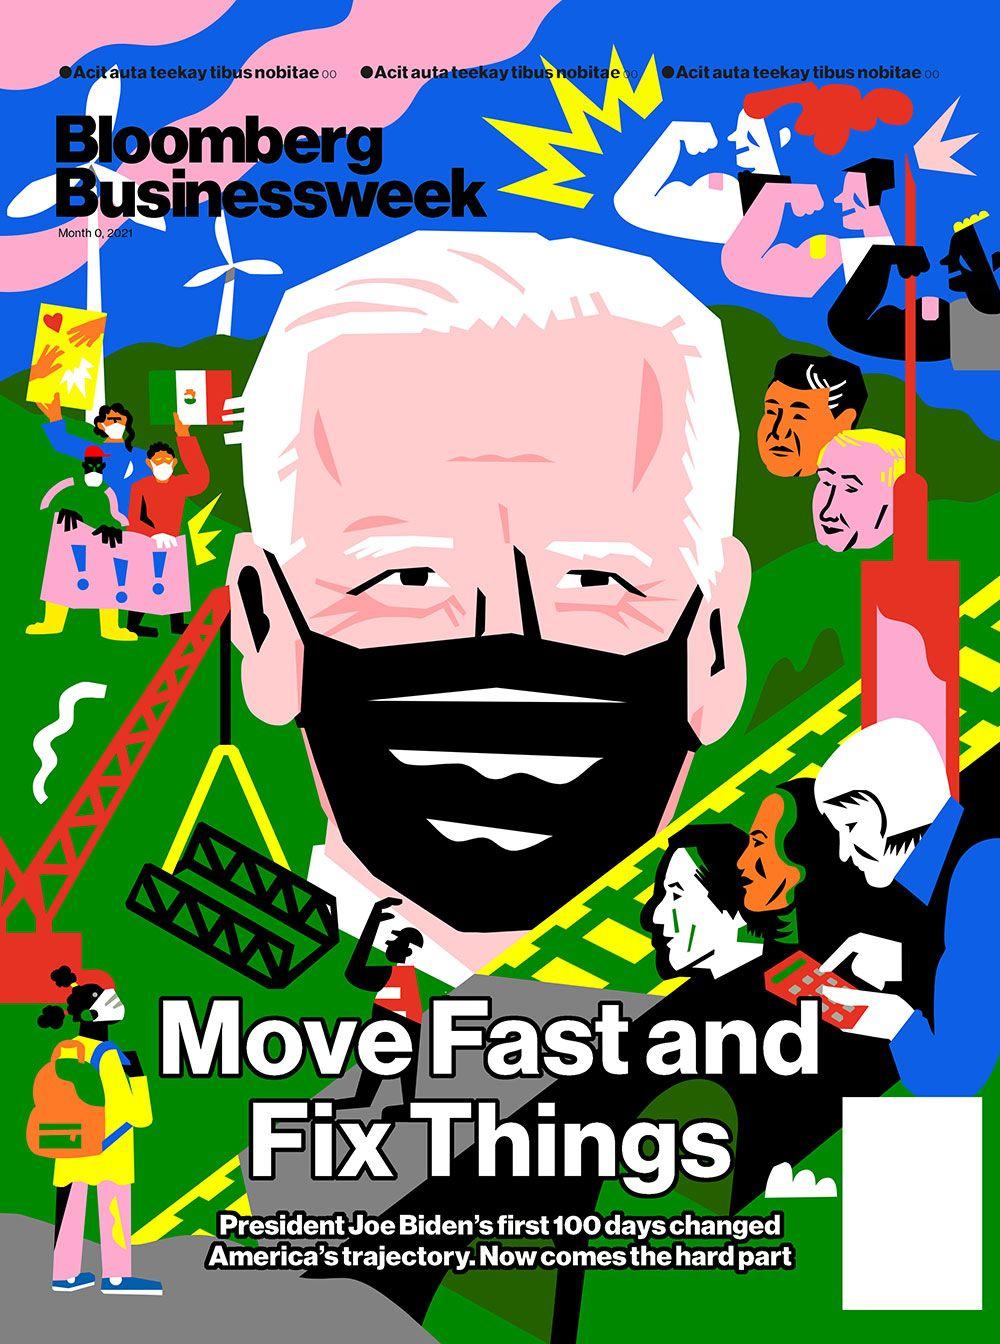 Coverillustration von Kati Szilagyi für die Bloomberg Businessweek